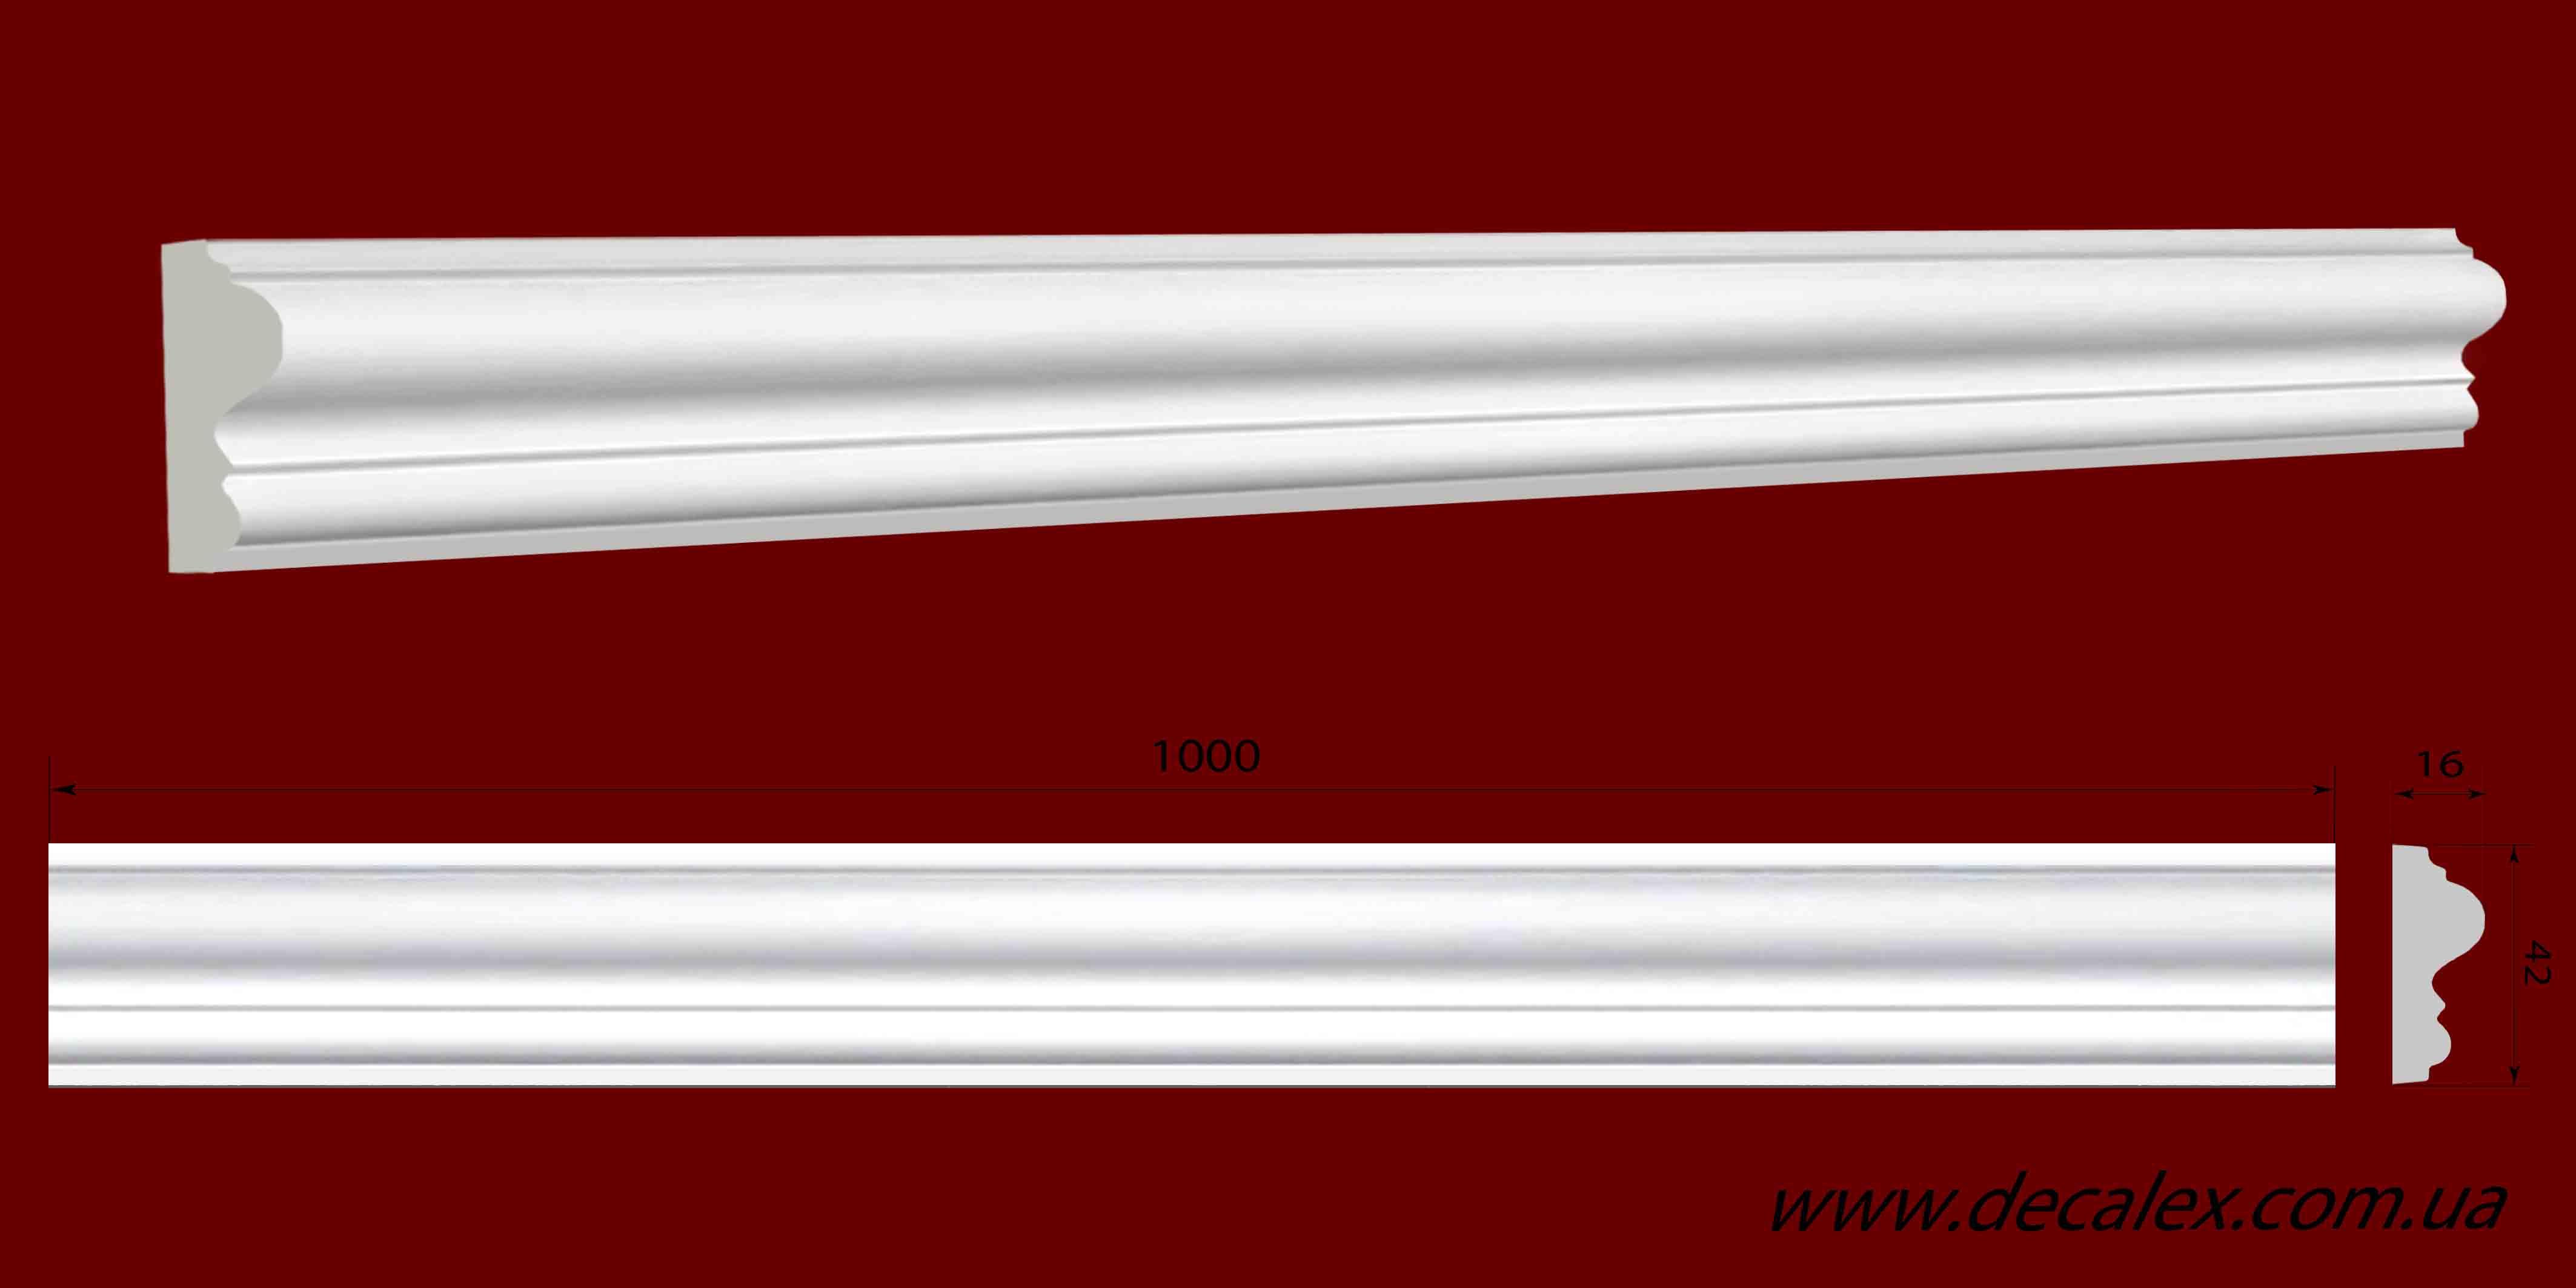 Код товара МЛ04003. Молдинг из гипса шириной 42 мм и длиной 1000 мм.. Розничная цена 60 грн./шт.